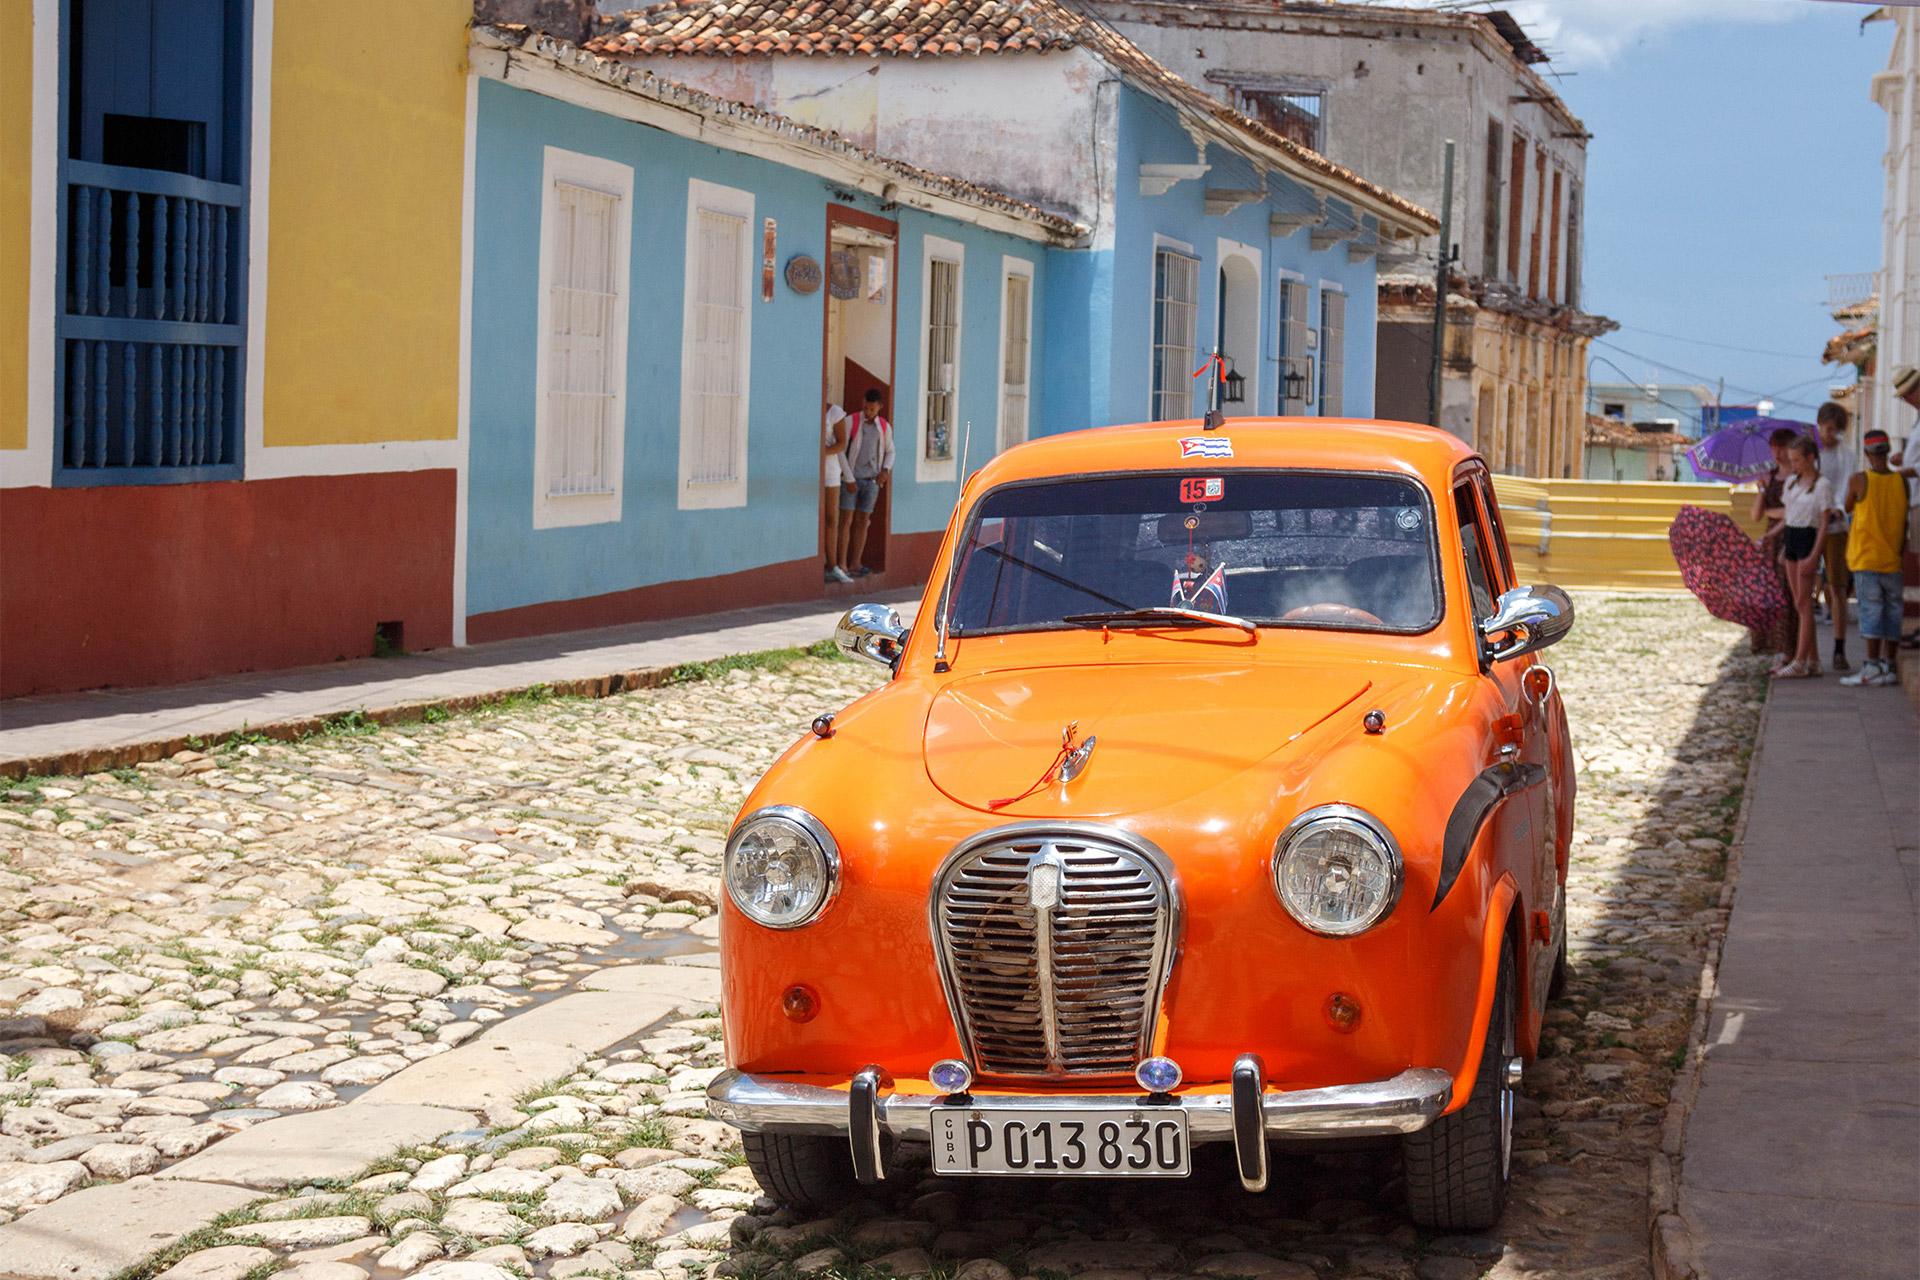 Hemingway, Salsa & Beach in Cuba